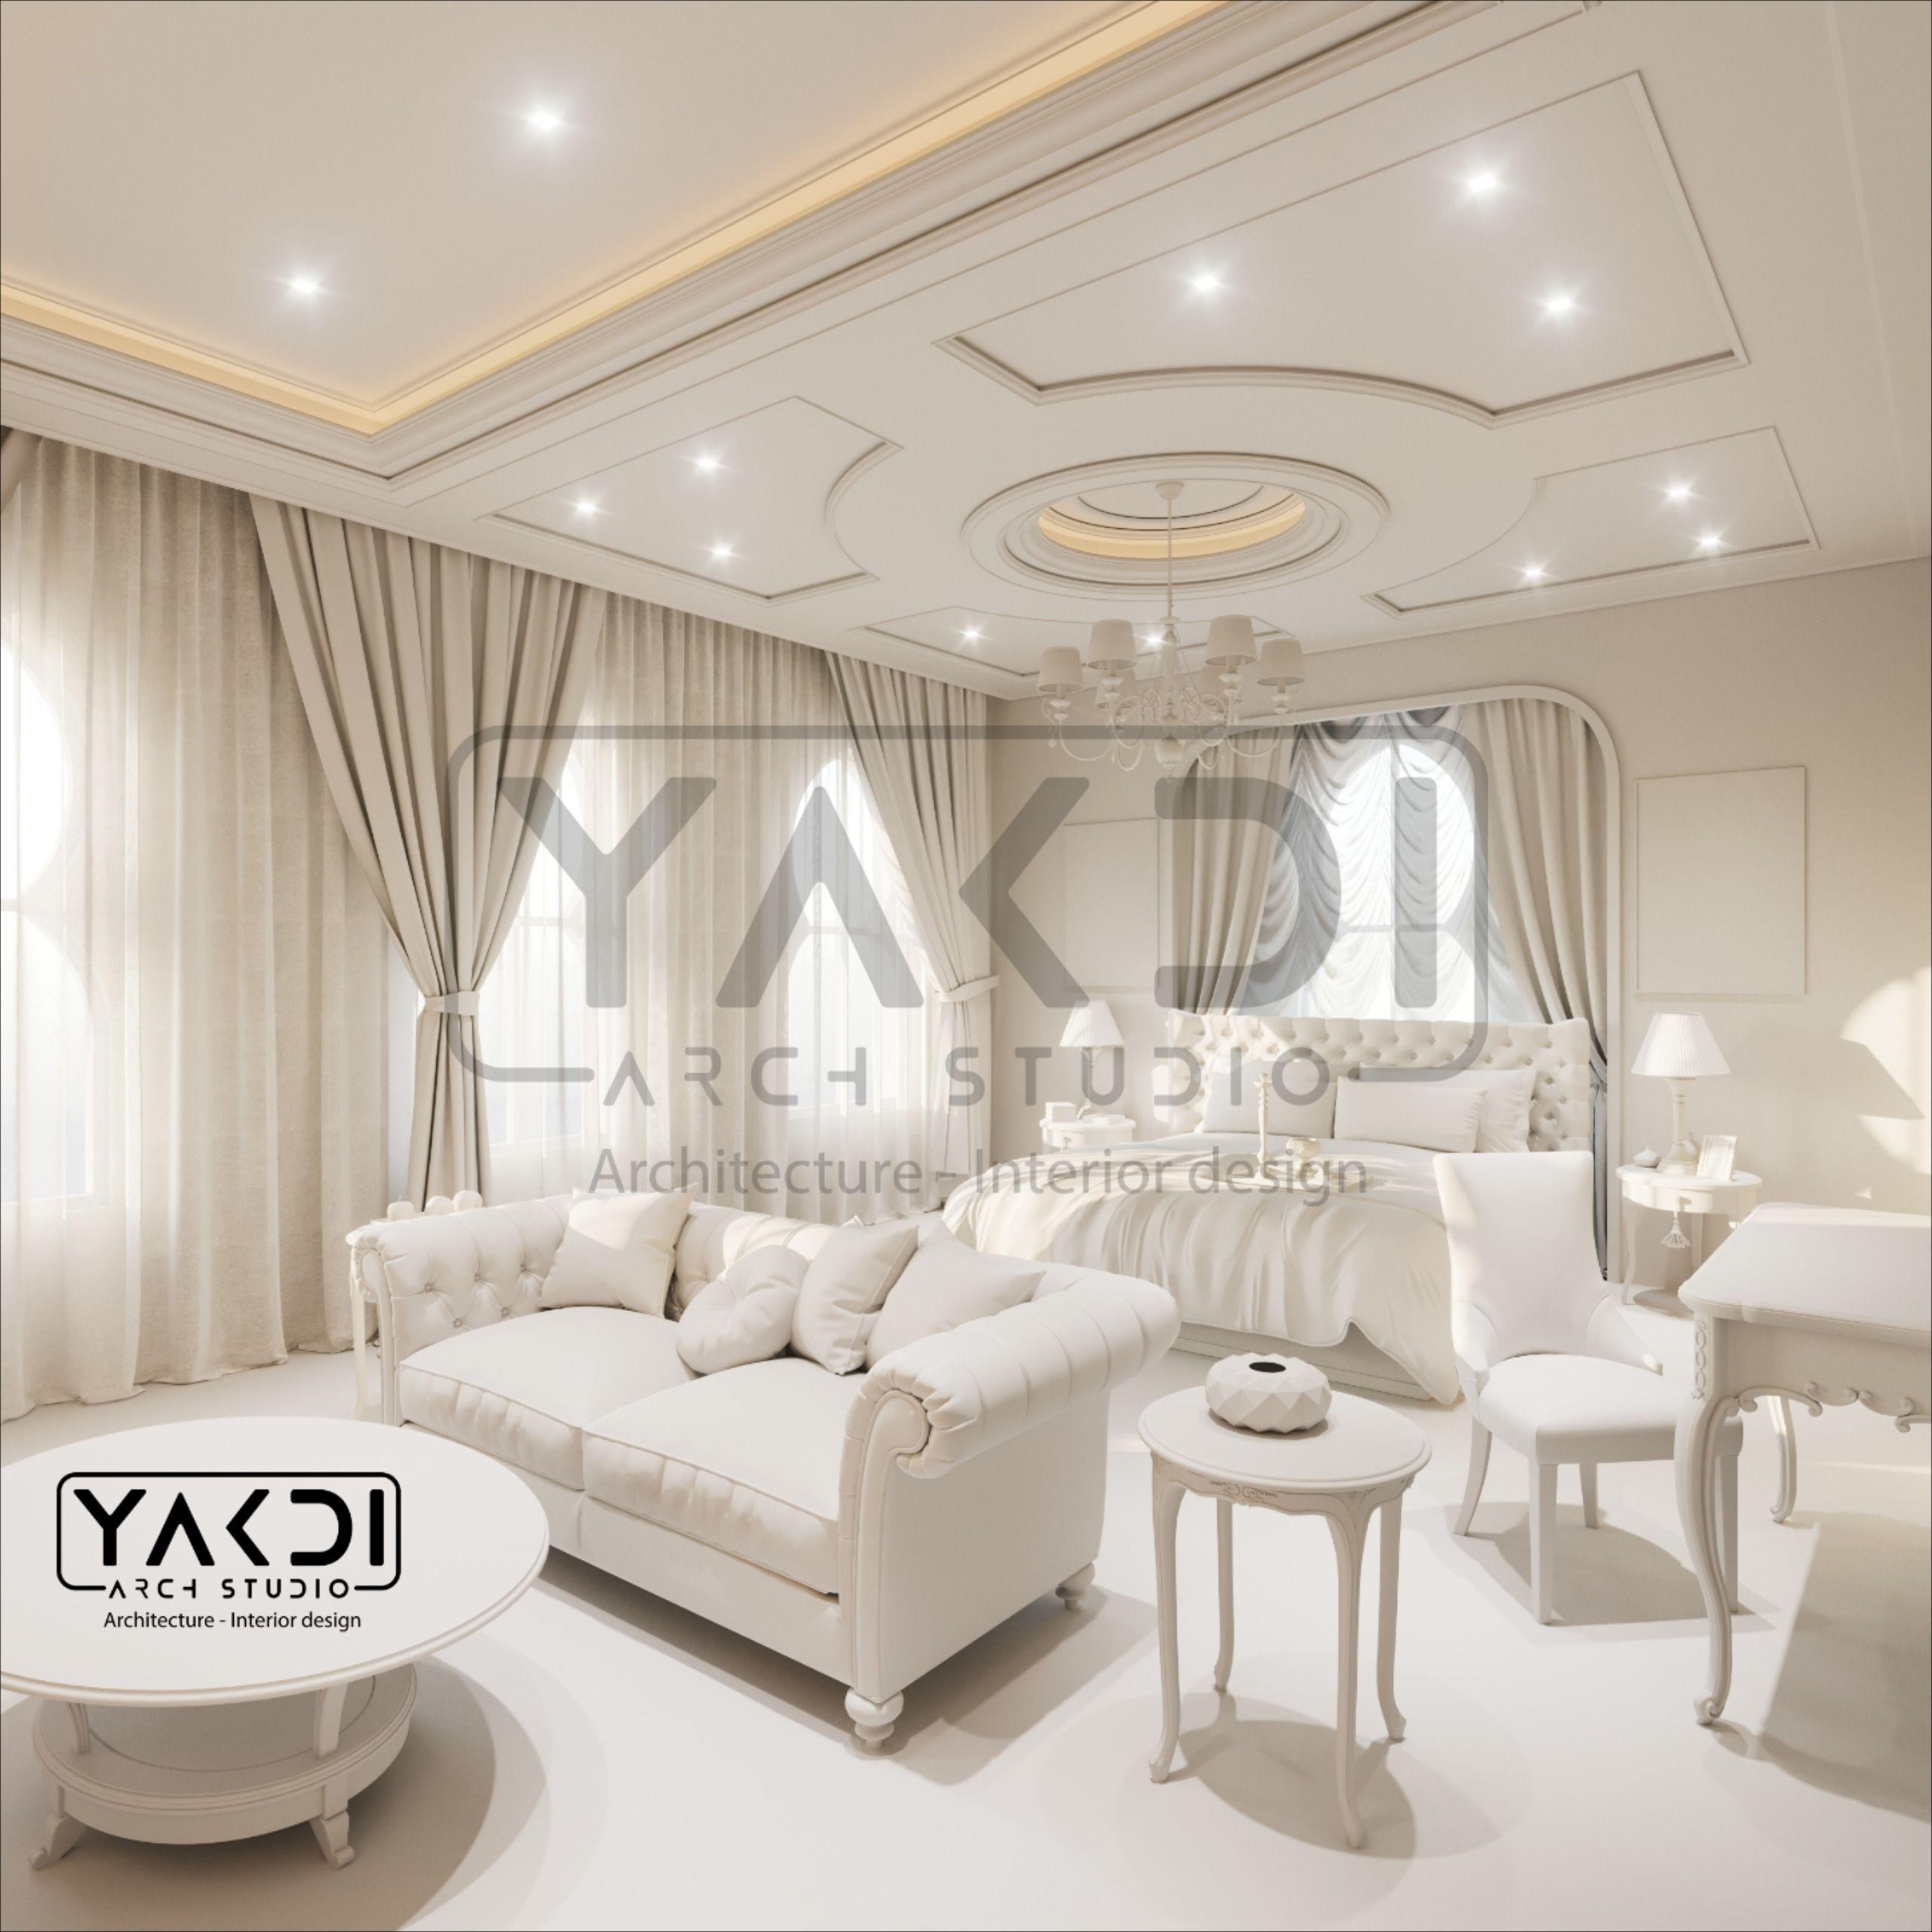 Riyad Master Bedroom In 2020 Bedroom Design Inspiration Home Room Design Bedroom Design